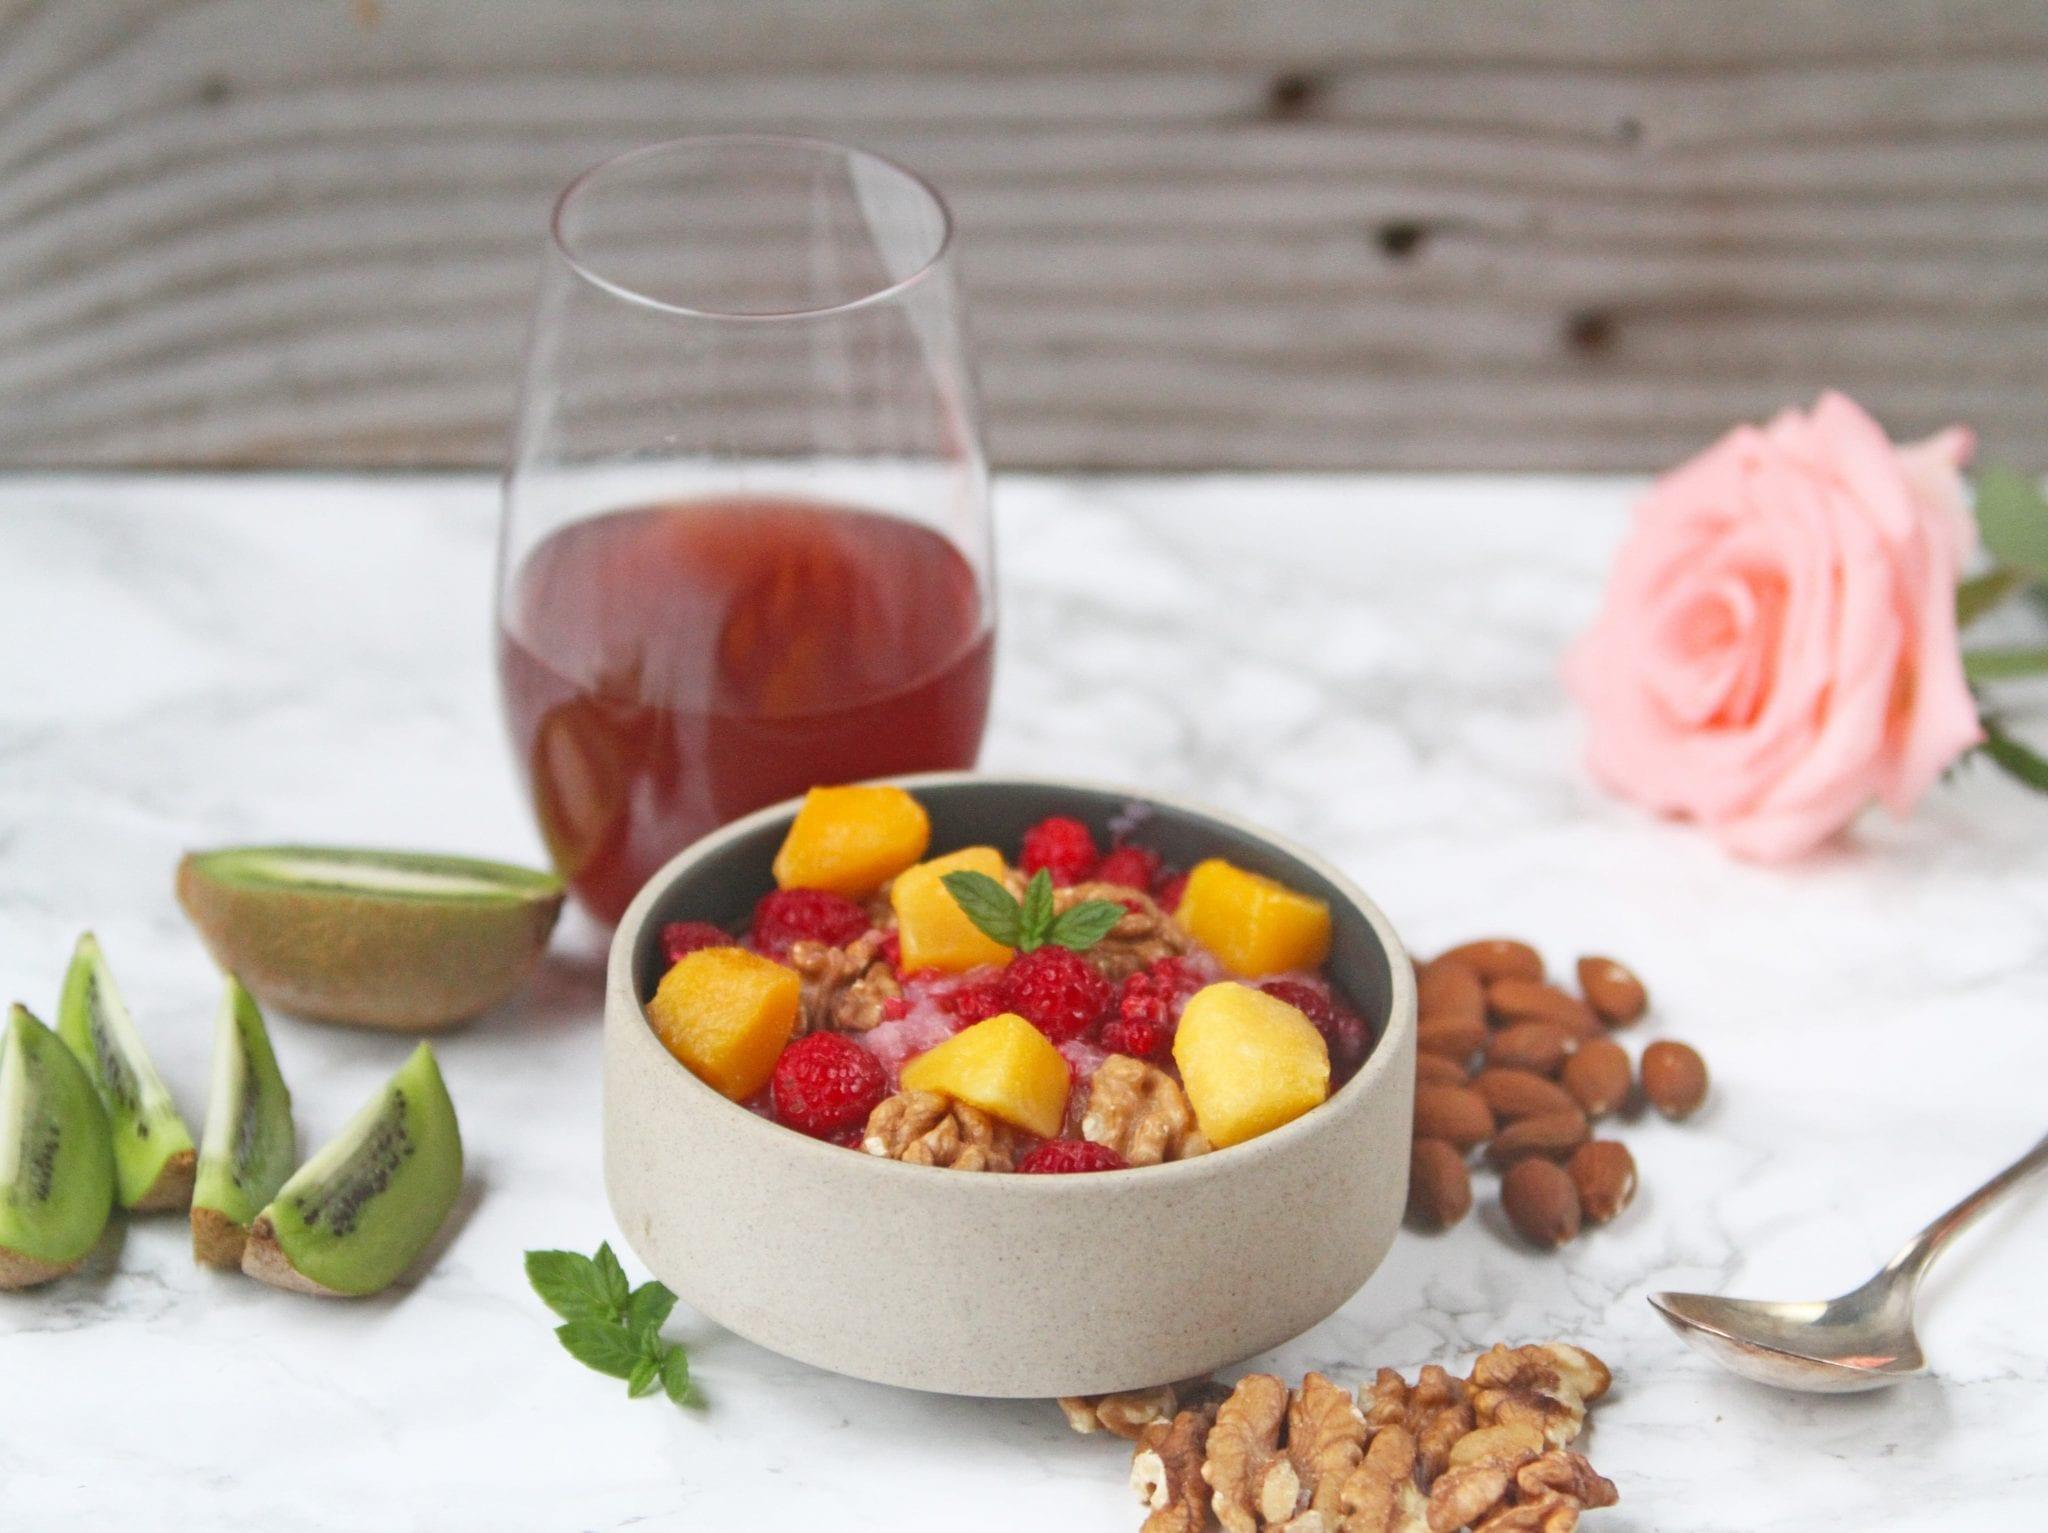 Quinoagrød med mango og hindbær - glutenfri